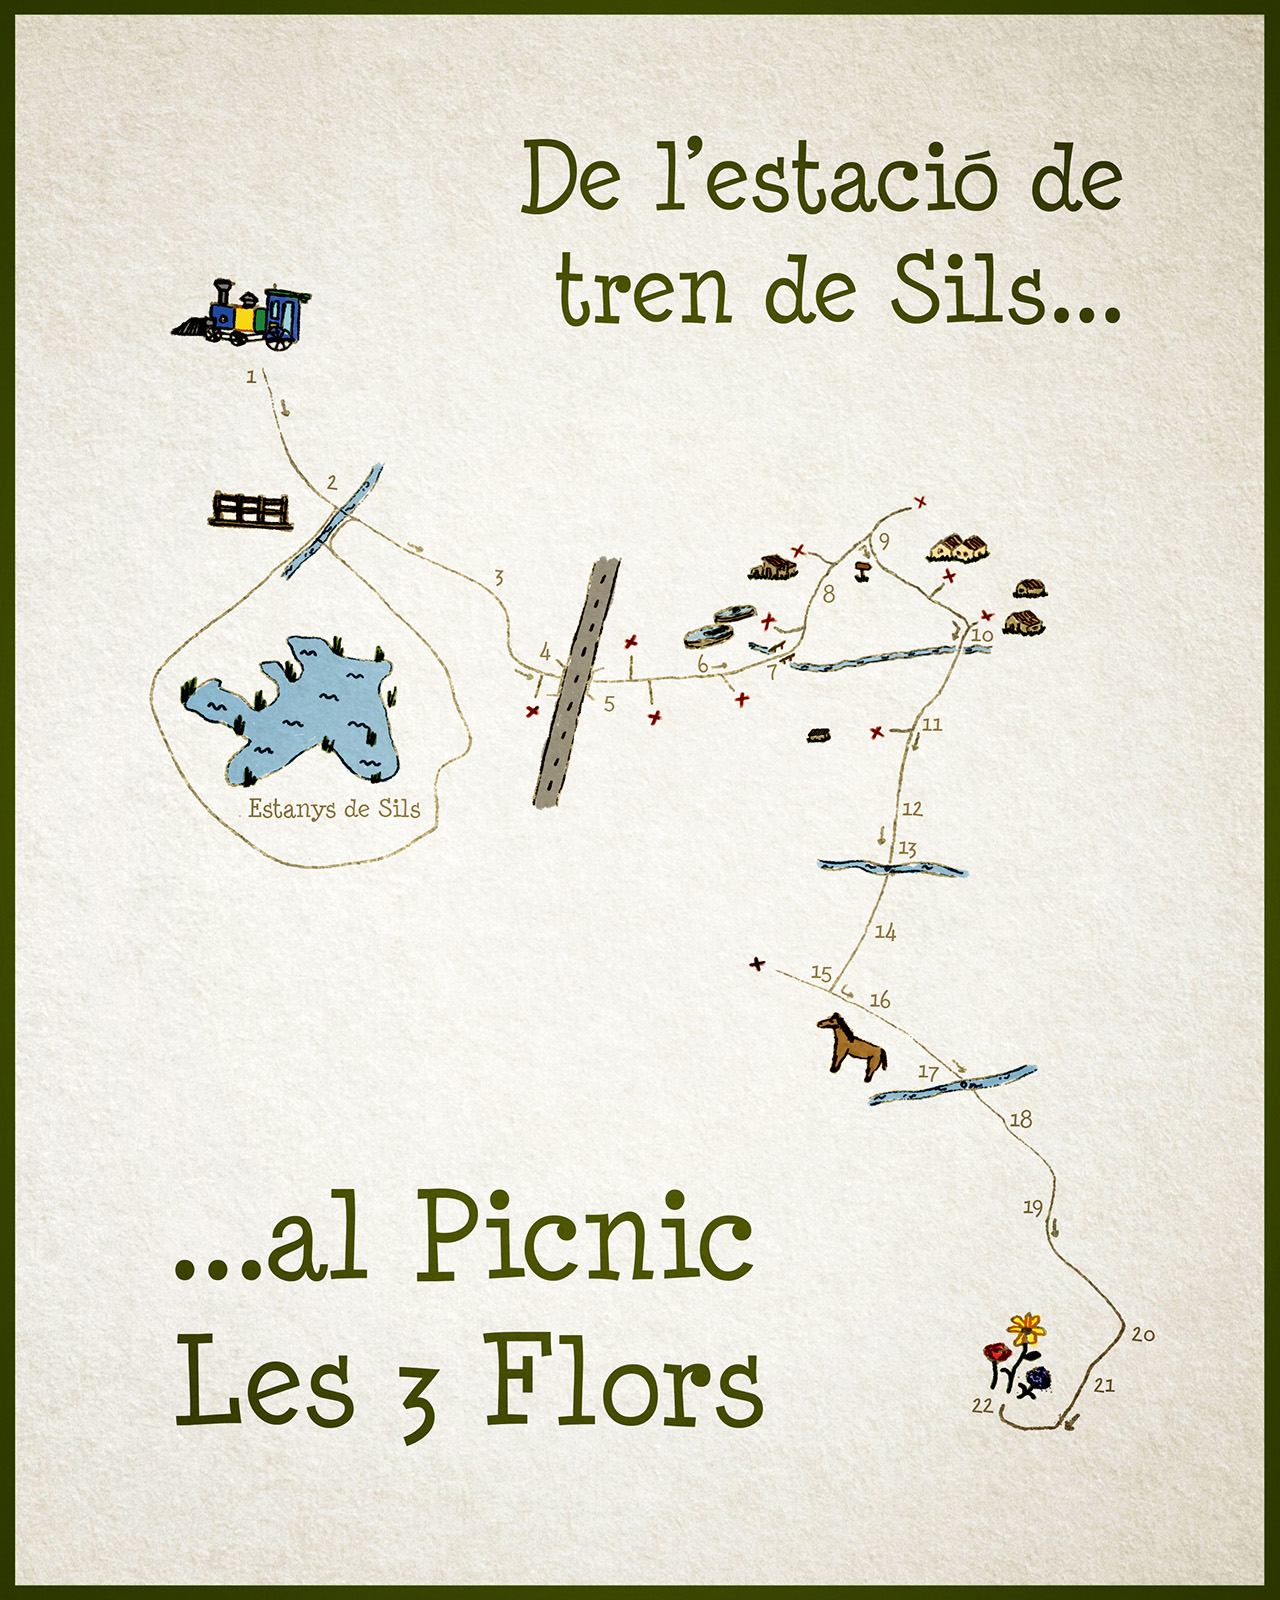 mapa estacio tren sils picnic les 3 flors